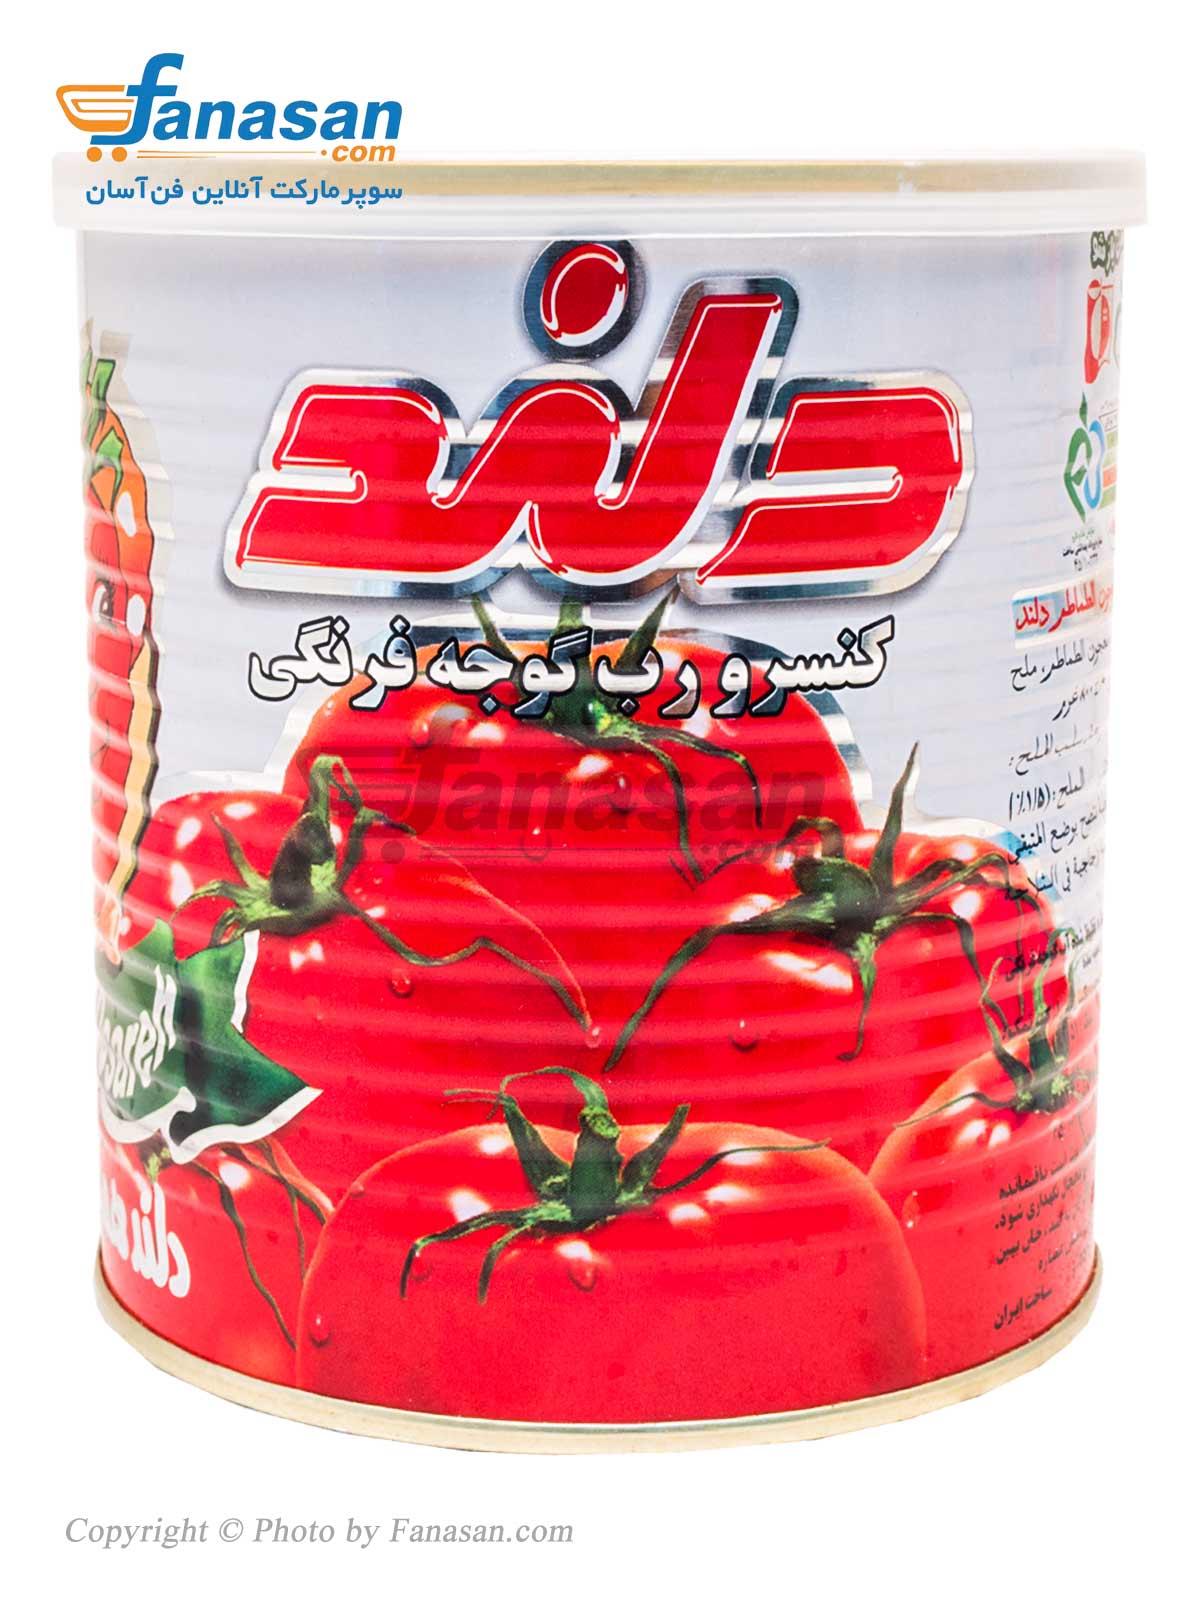 کنسرو رب گوجه فرنگی دلند با درب آسان بازشو 800 گرم